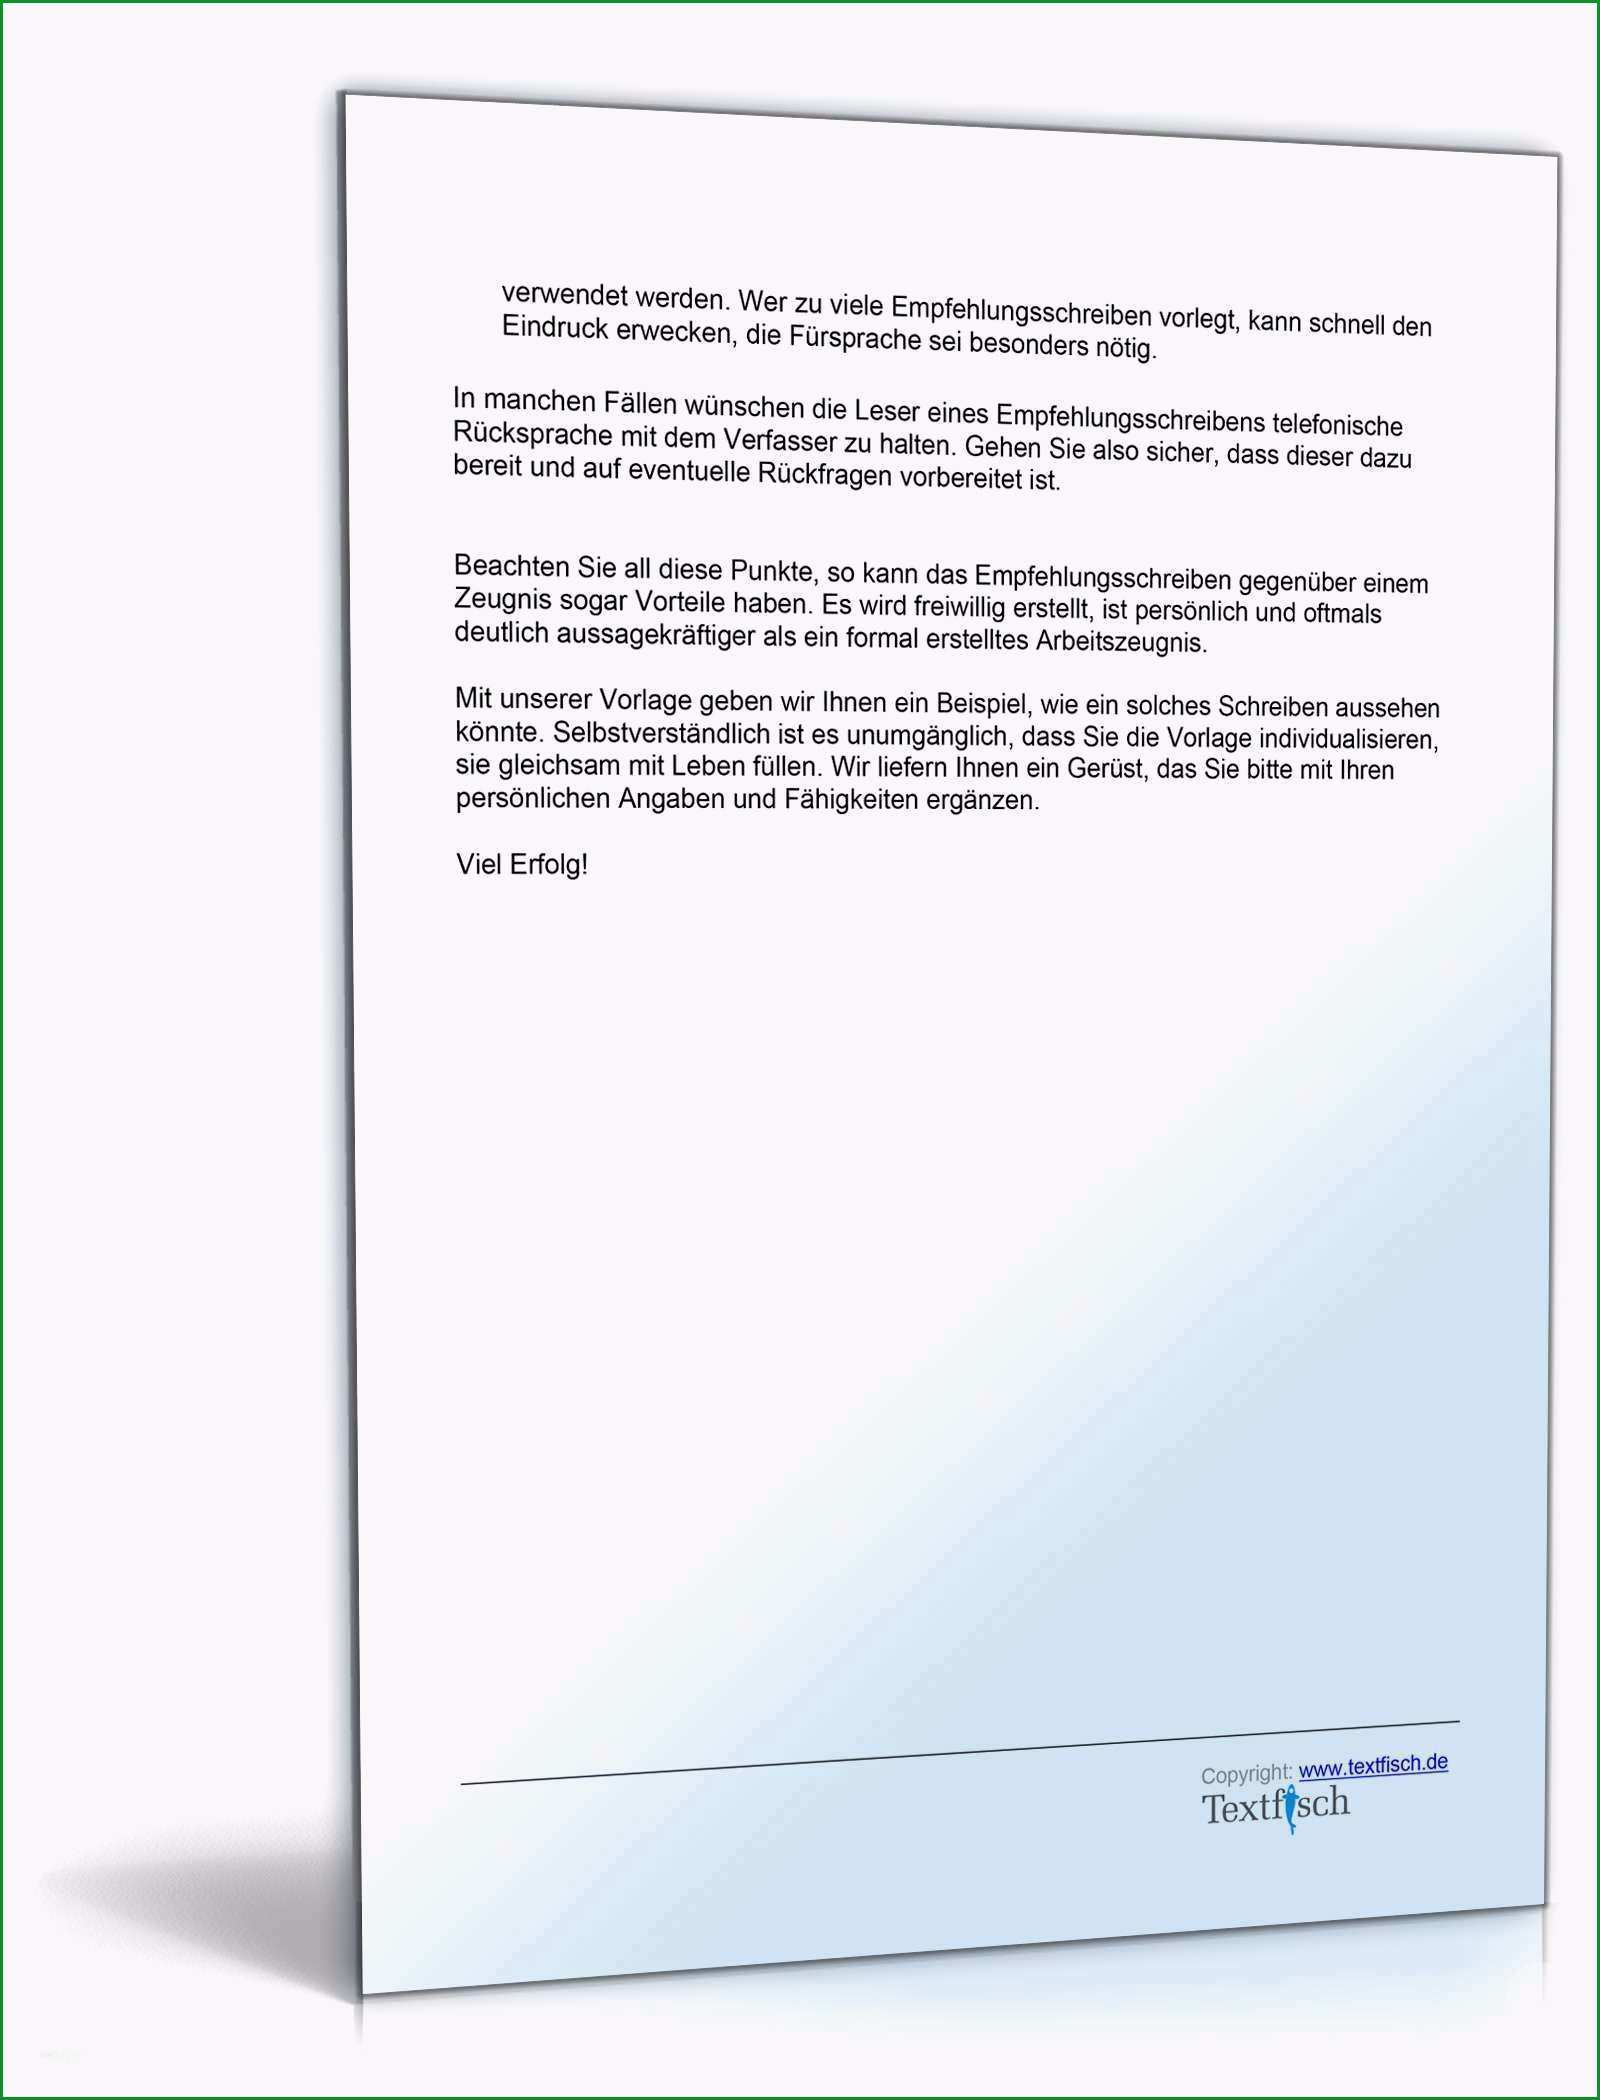 betriebsbedingte kundigung vorlage neu empfehlung mitarbeiter